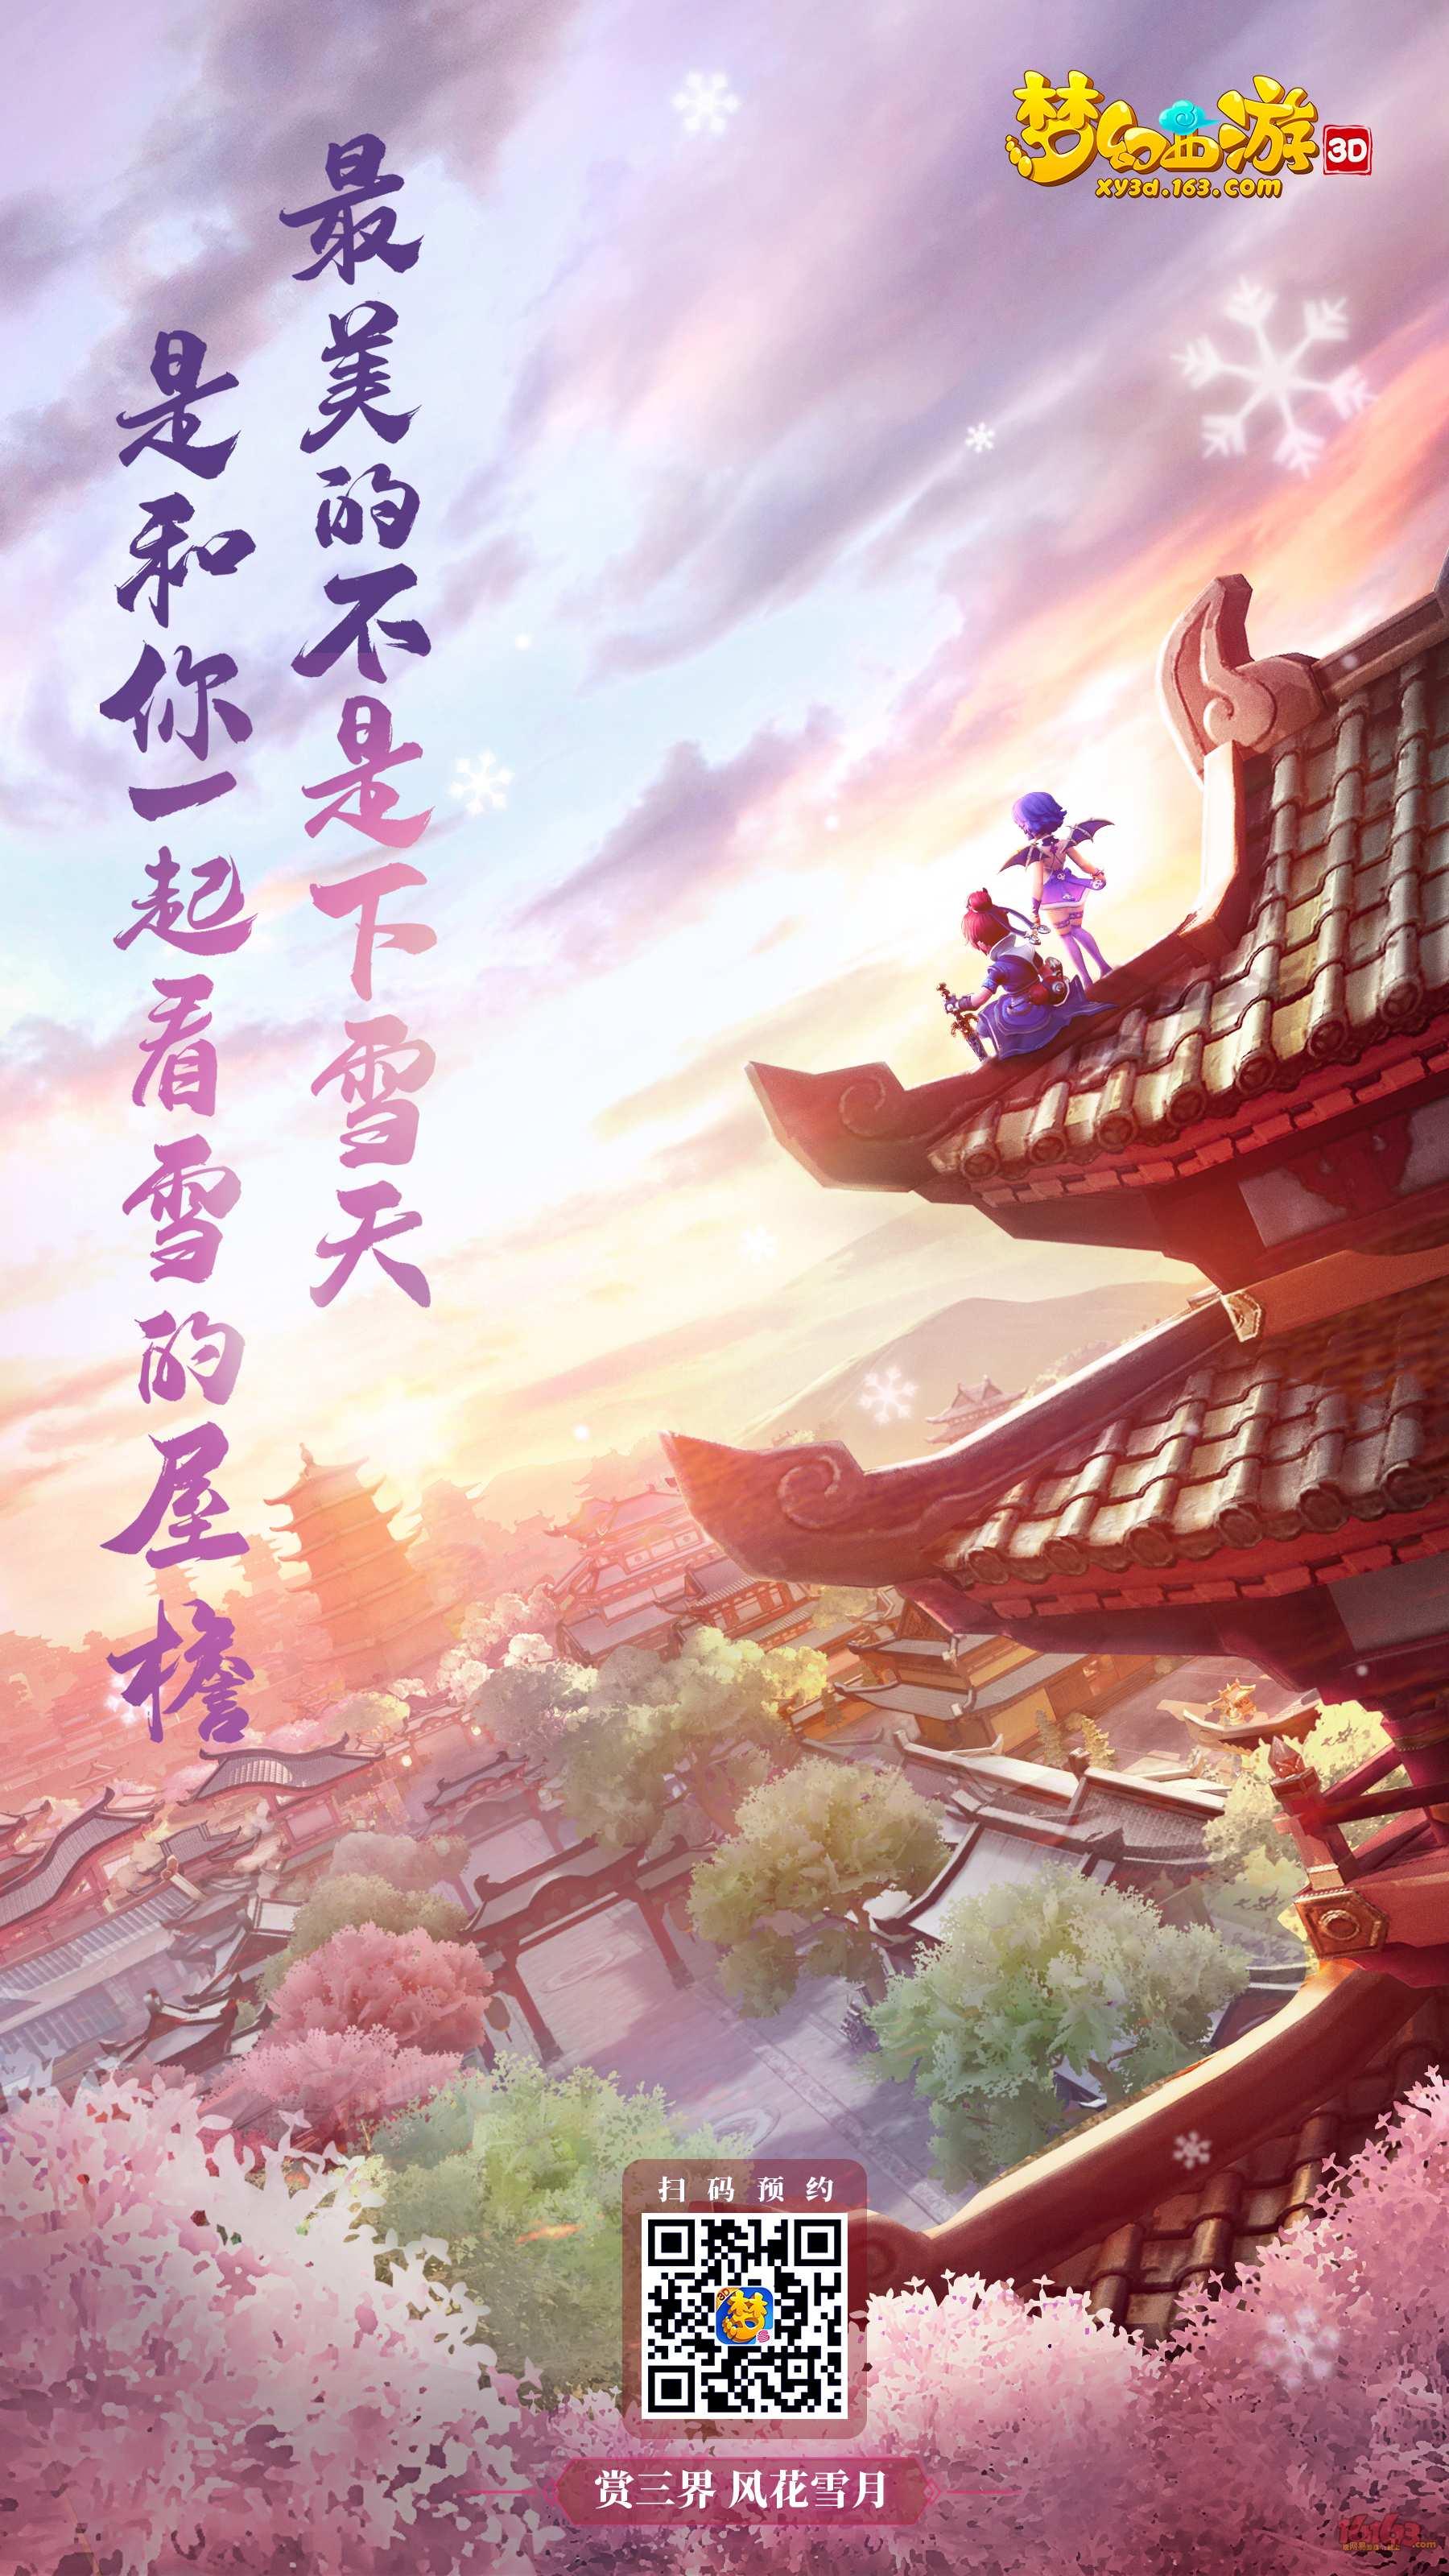 520告白海报-1.jpg